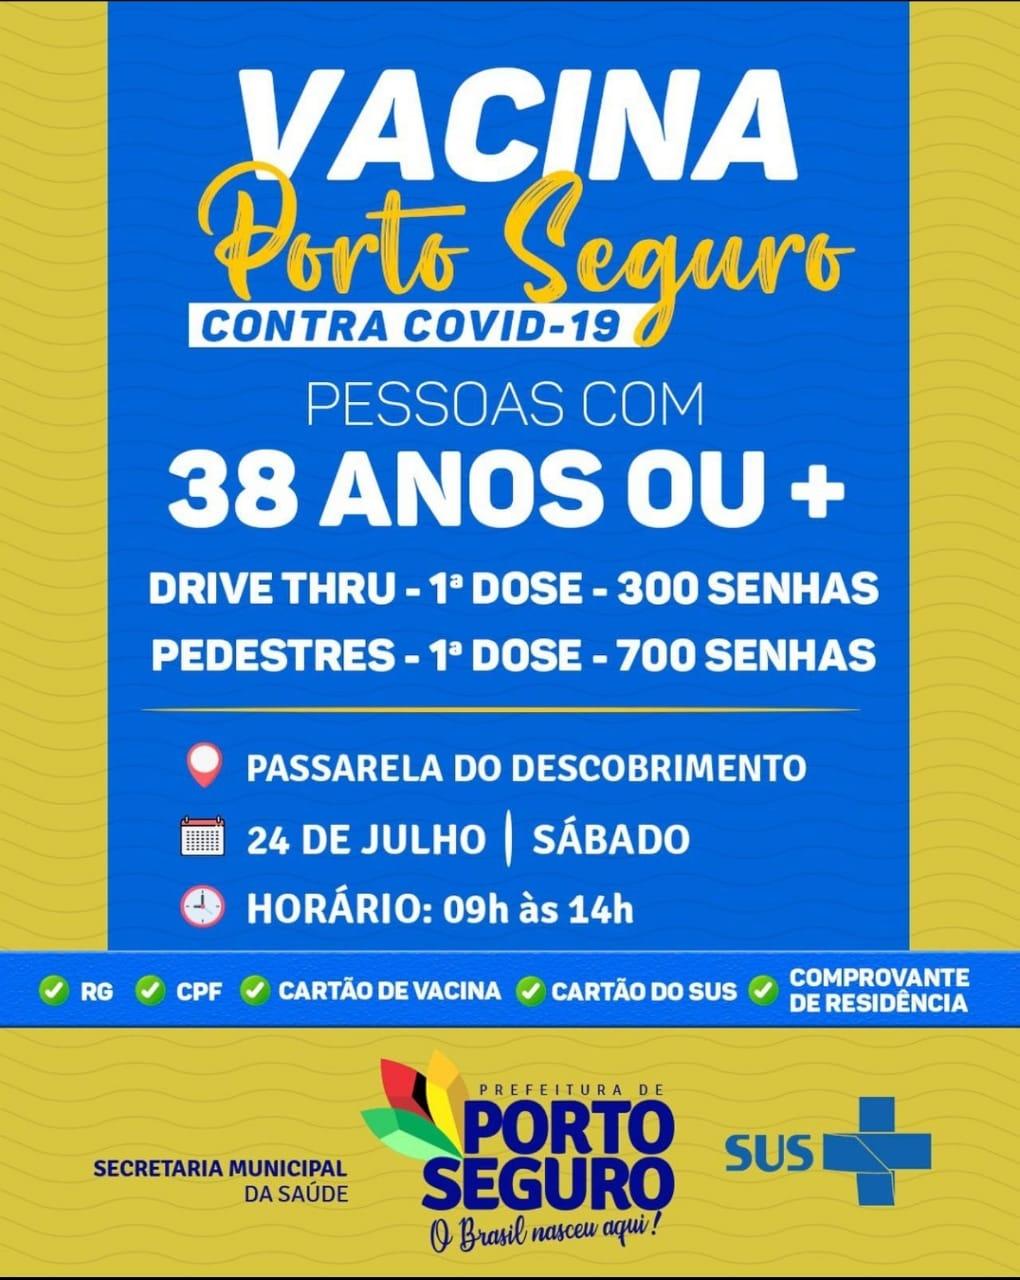 Vacina Porto Seguro contra Covid-19; cronograma de vacinação de 23 a 24 de julho 29